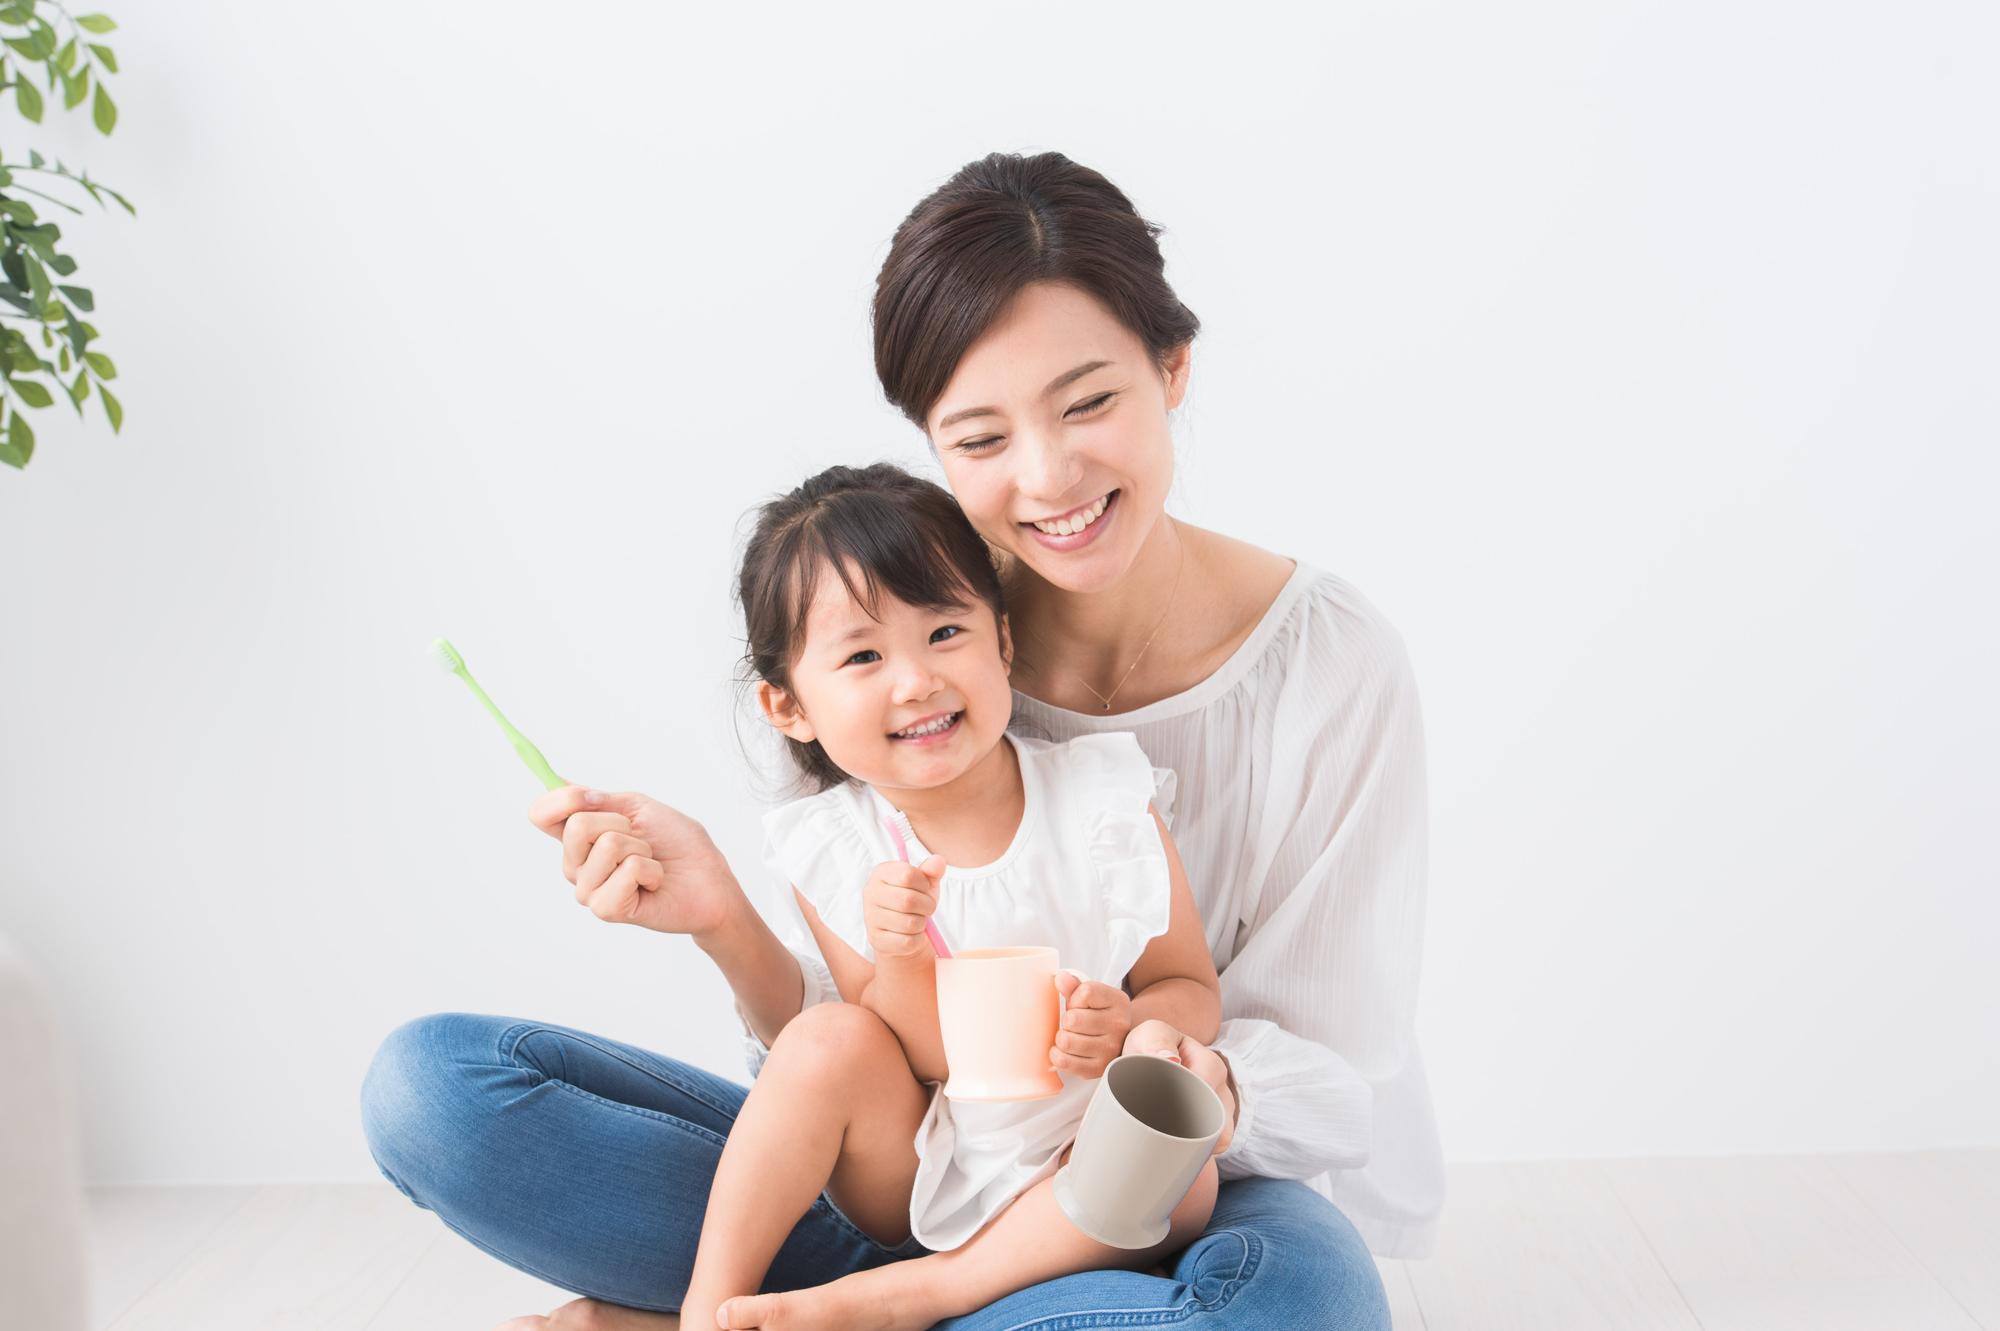 歯科・歯医者専門のホームページ制作会社は、仙台の株式会社MIRAIZU